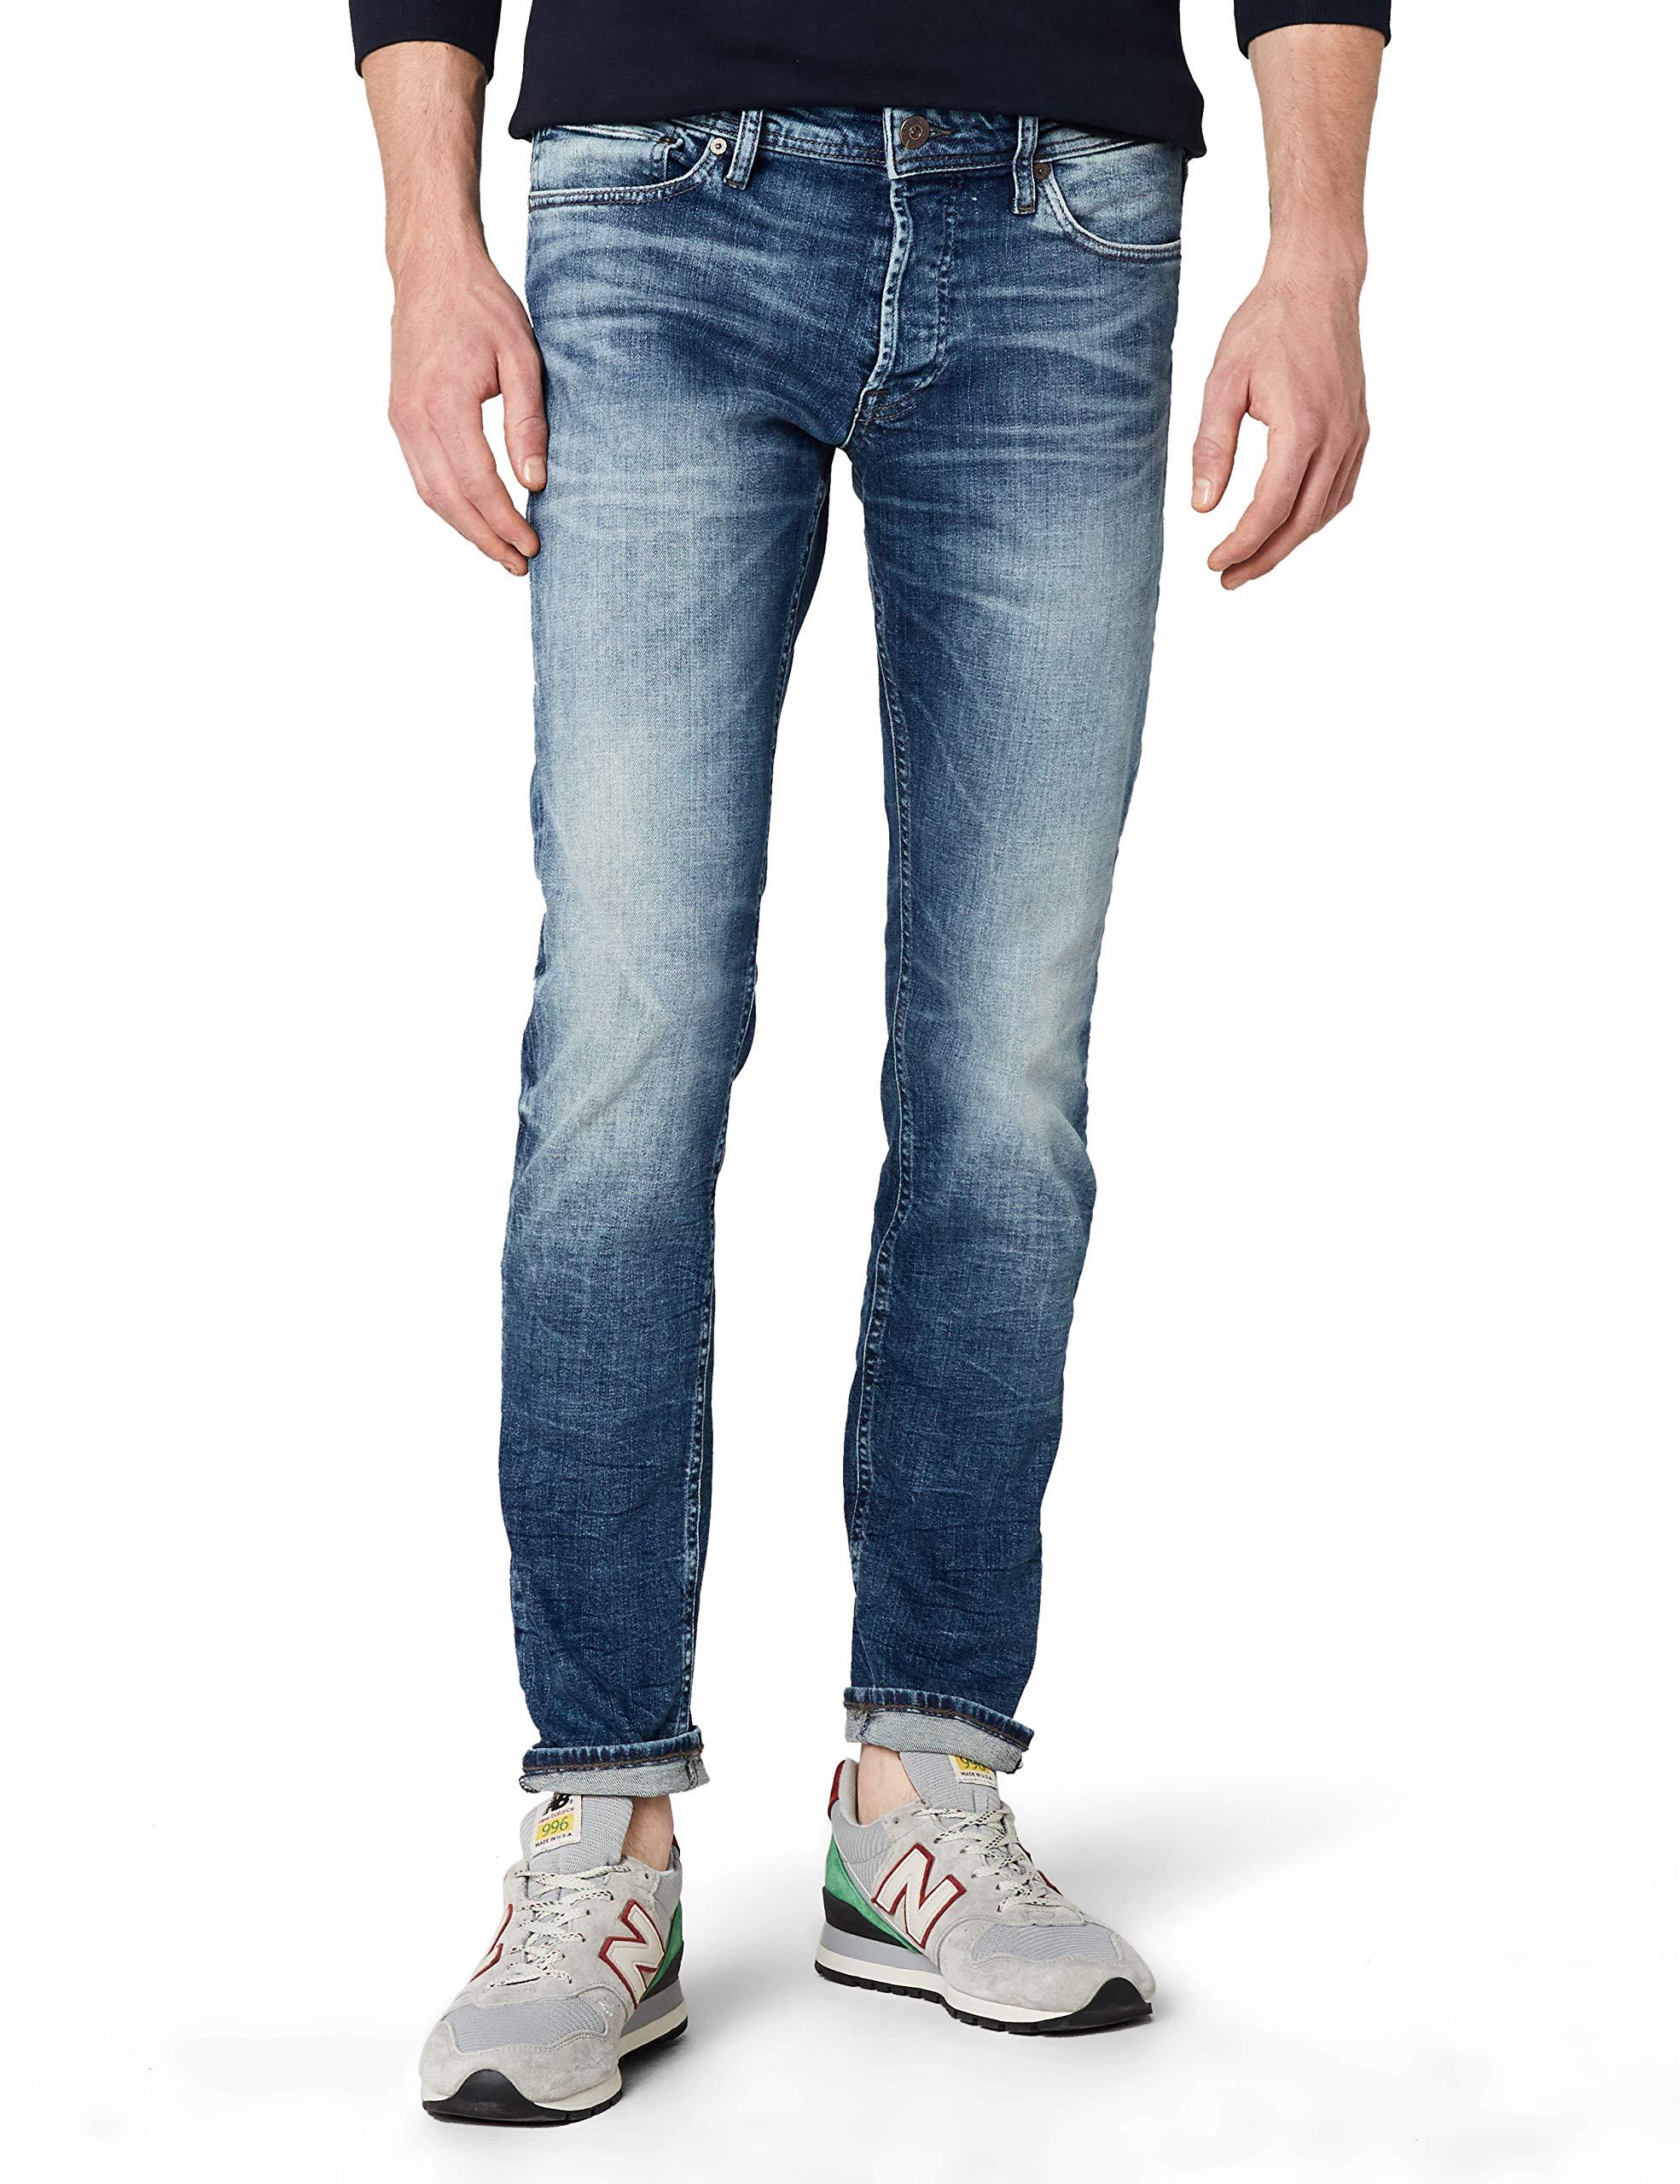 8522b6ed81af I piu votati nella categoria Jeans da uomo   recensioni clienti ...